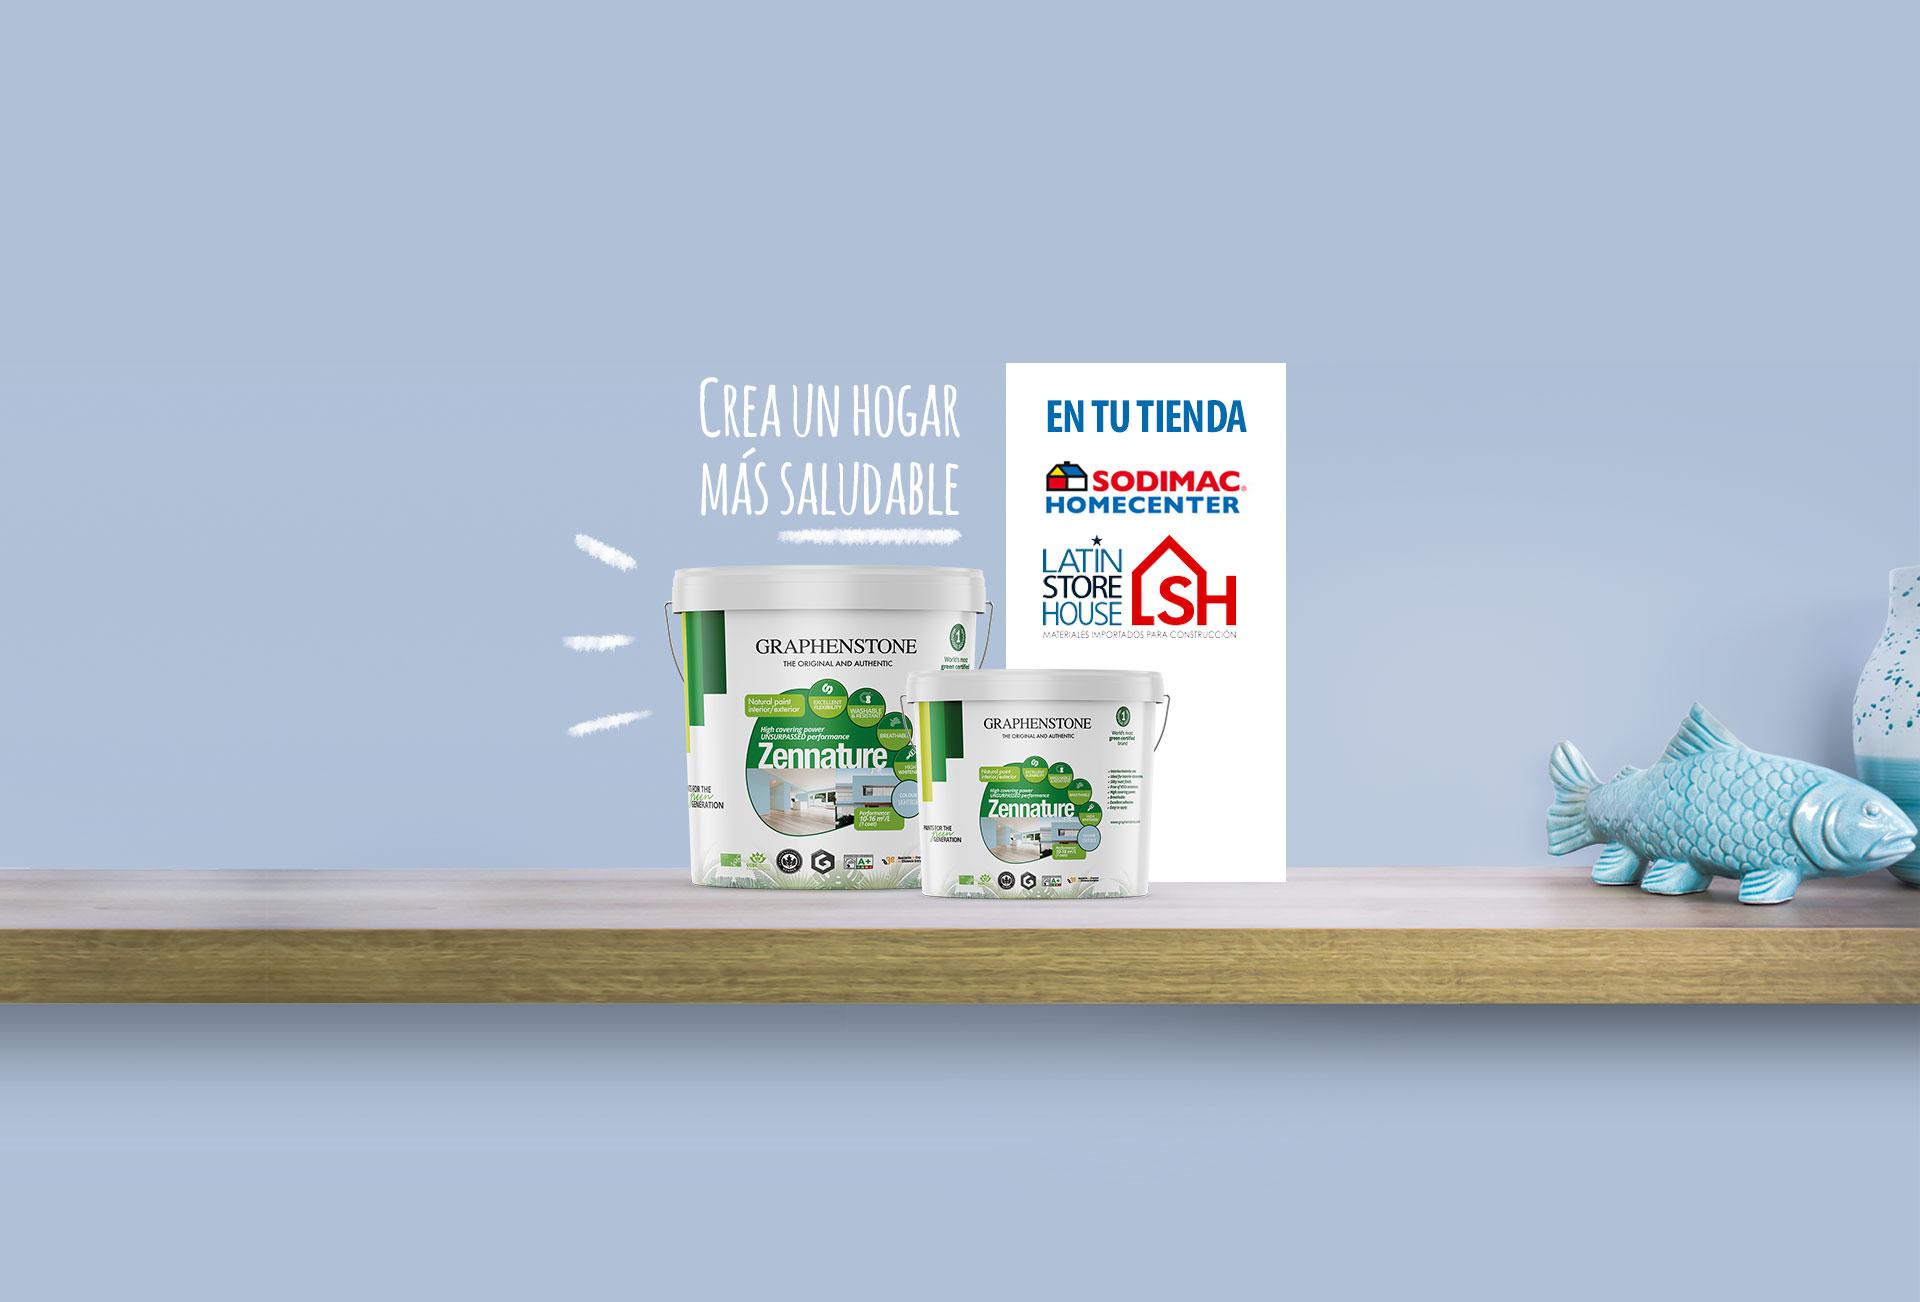 Productos Graphenstone en tiendas Sodimac